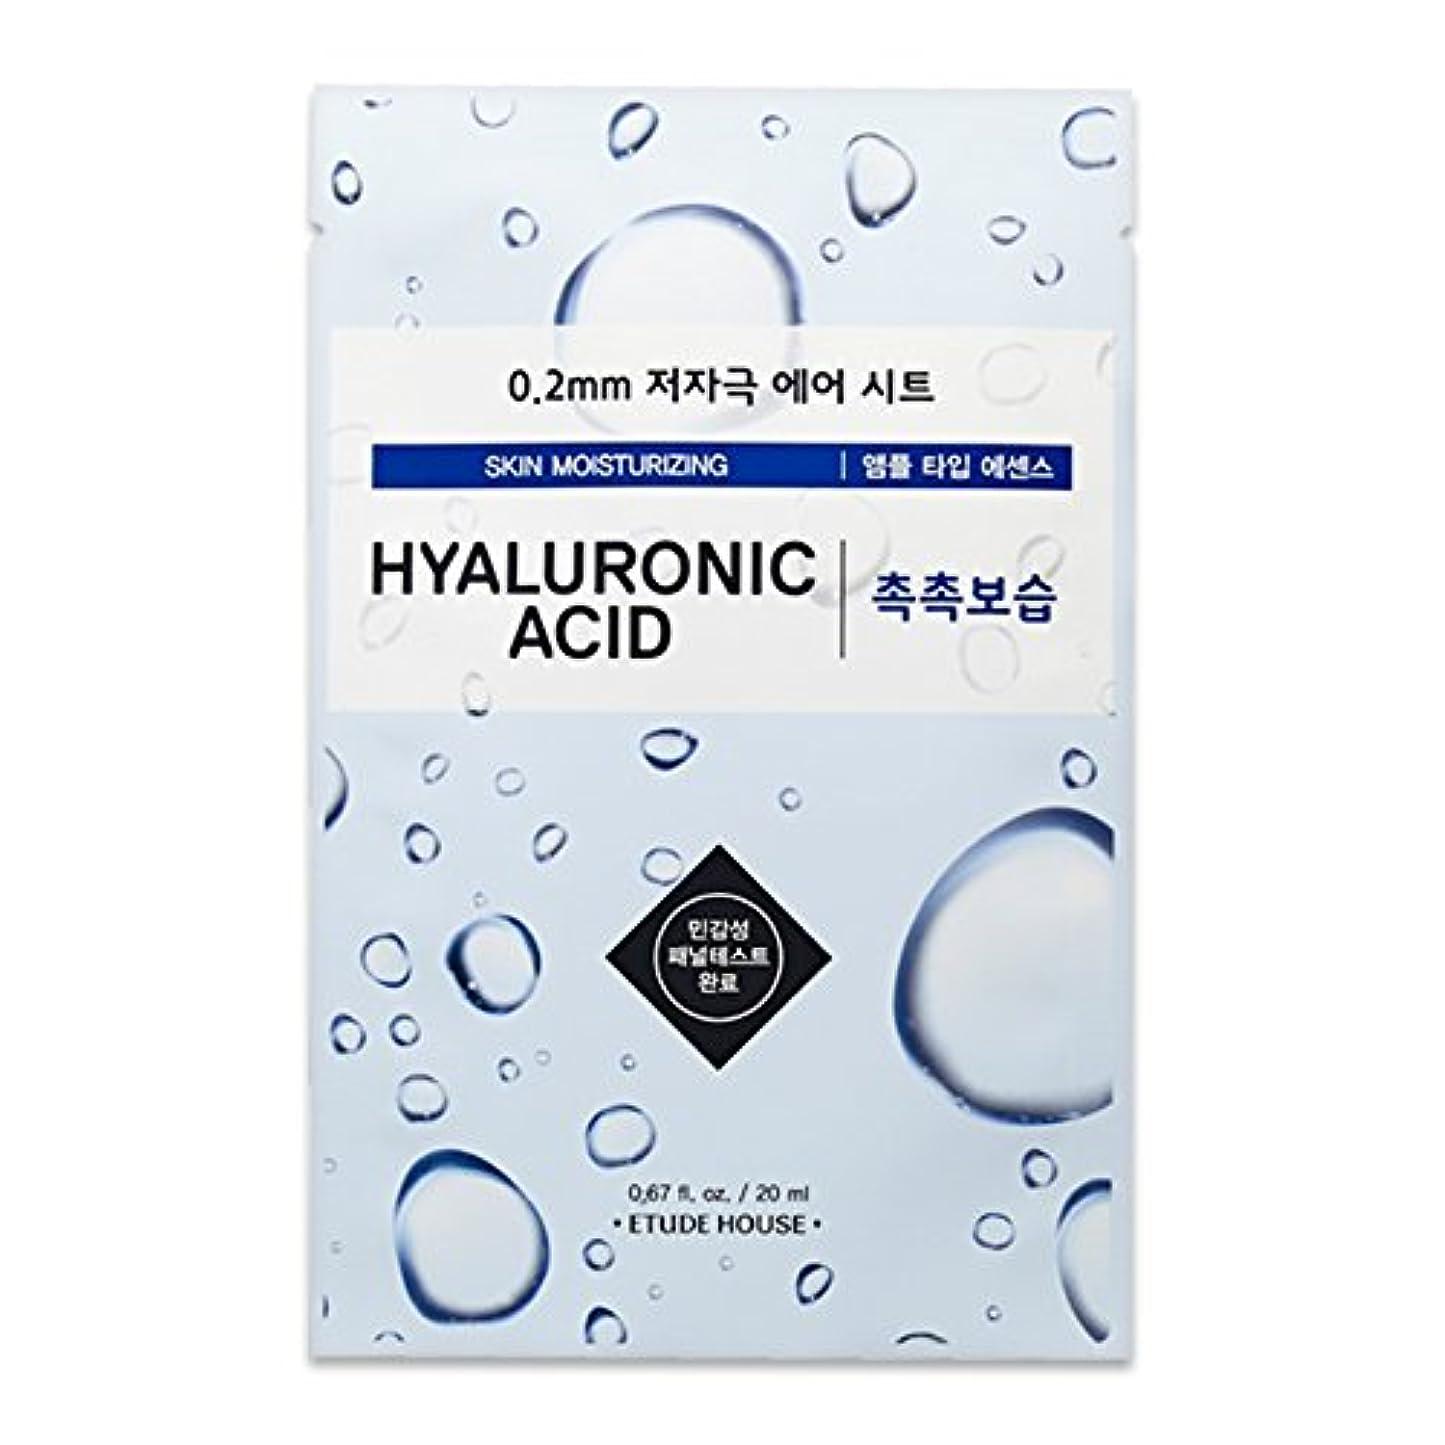 ルネッサンス結晶メロディーエチュードハウス(ETUDE HOUSE) 0.2エアフィットマスク HA (ヒアルロン酸)